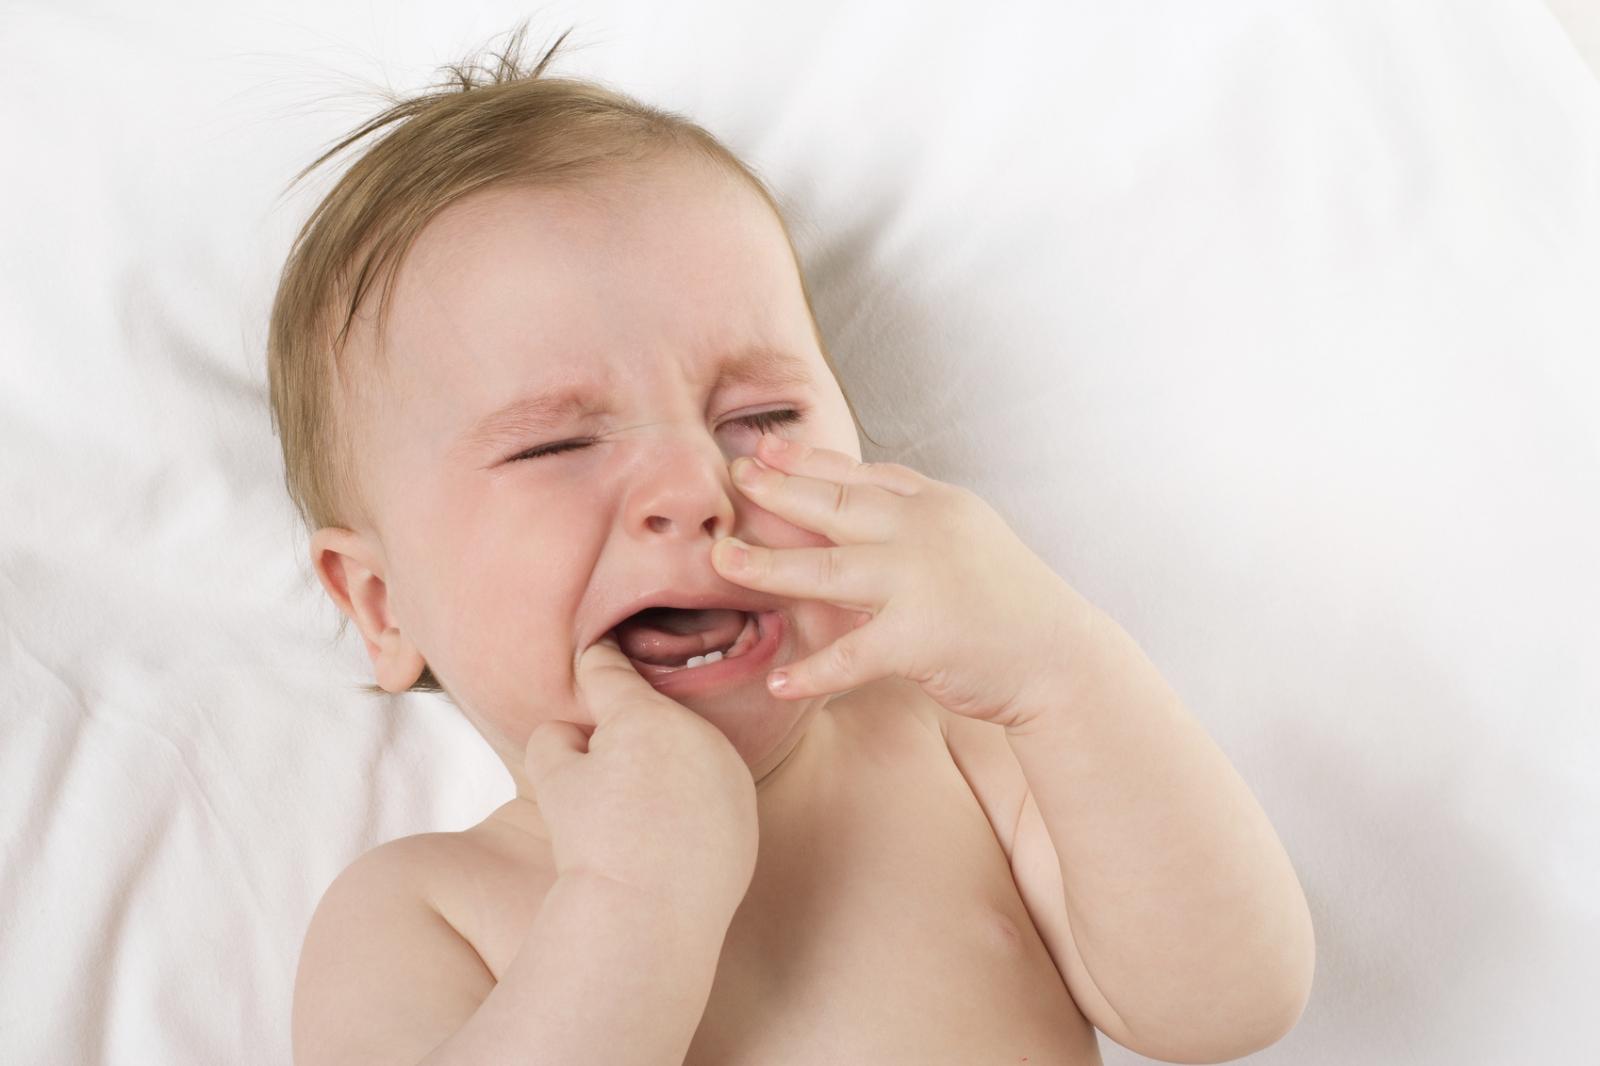 دلیل اسهال ناشی از دندان درآوردن